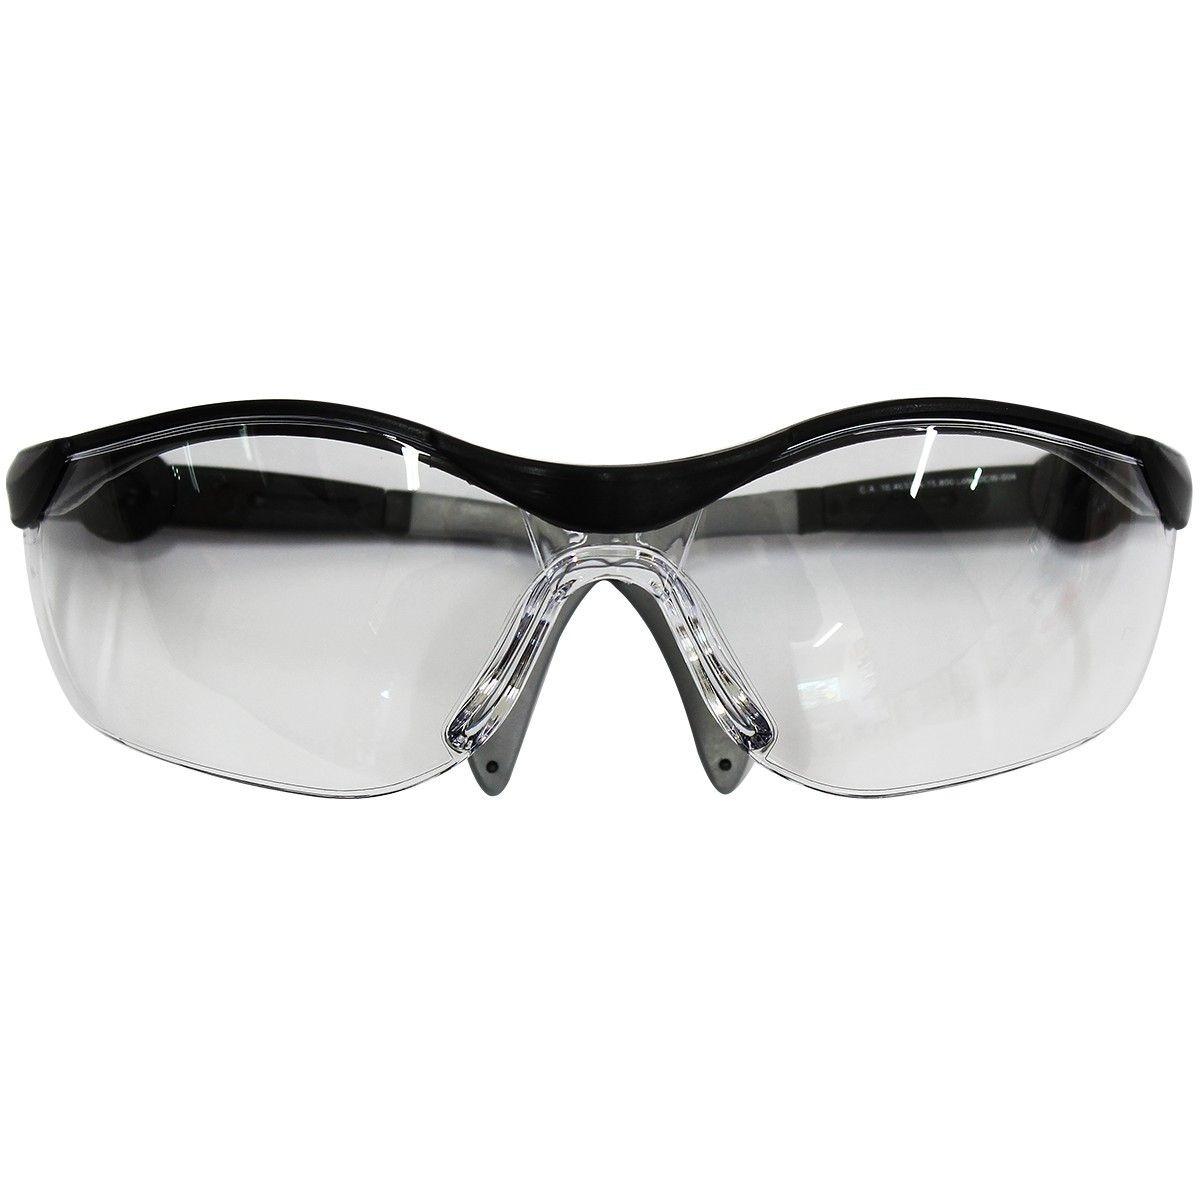 Oculos Danny Apollo Antiembacante Incolor - R  38,41 em Mercado Livre d1ec961fd4